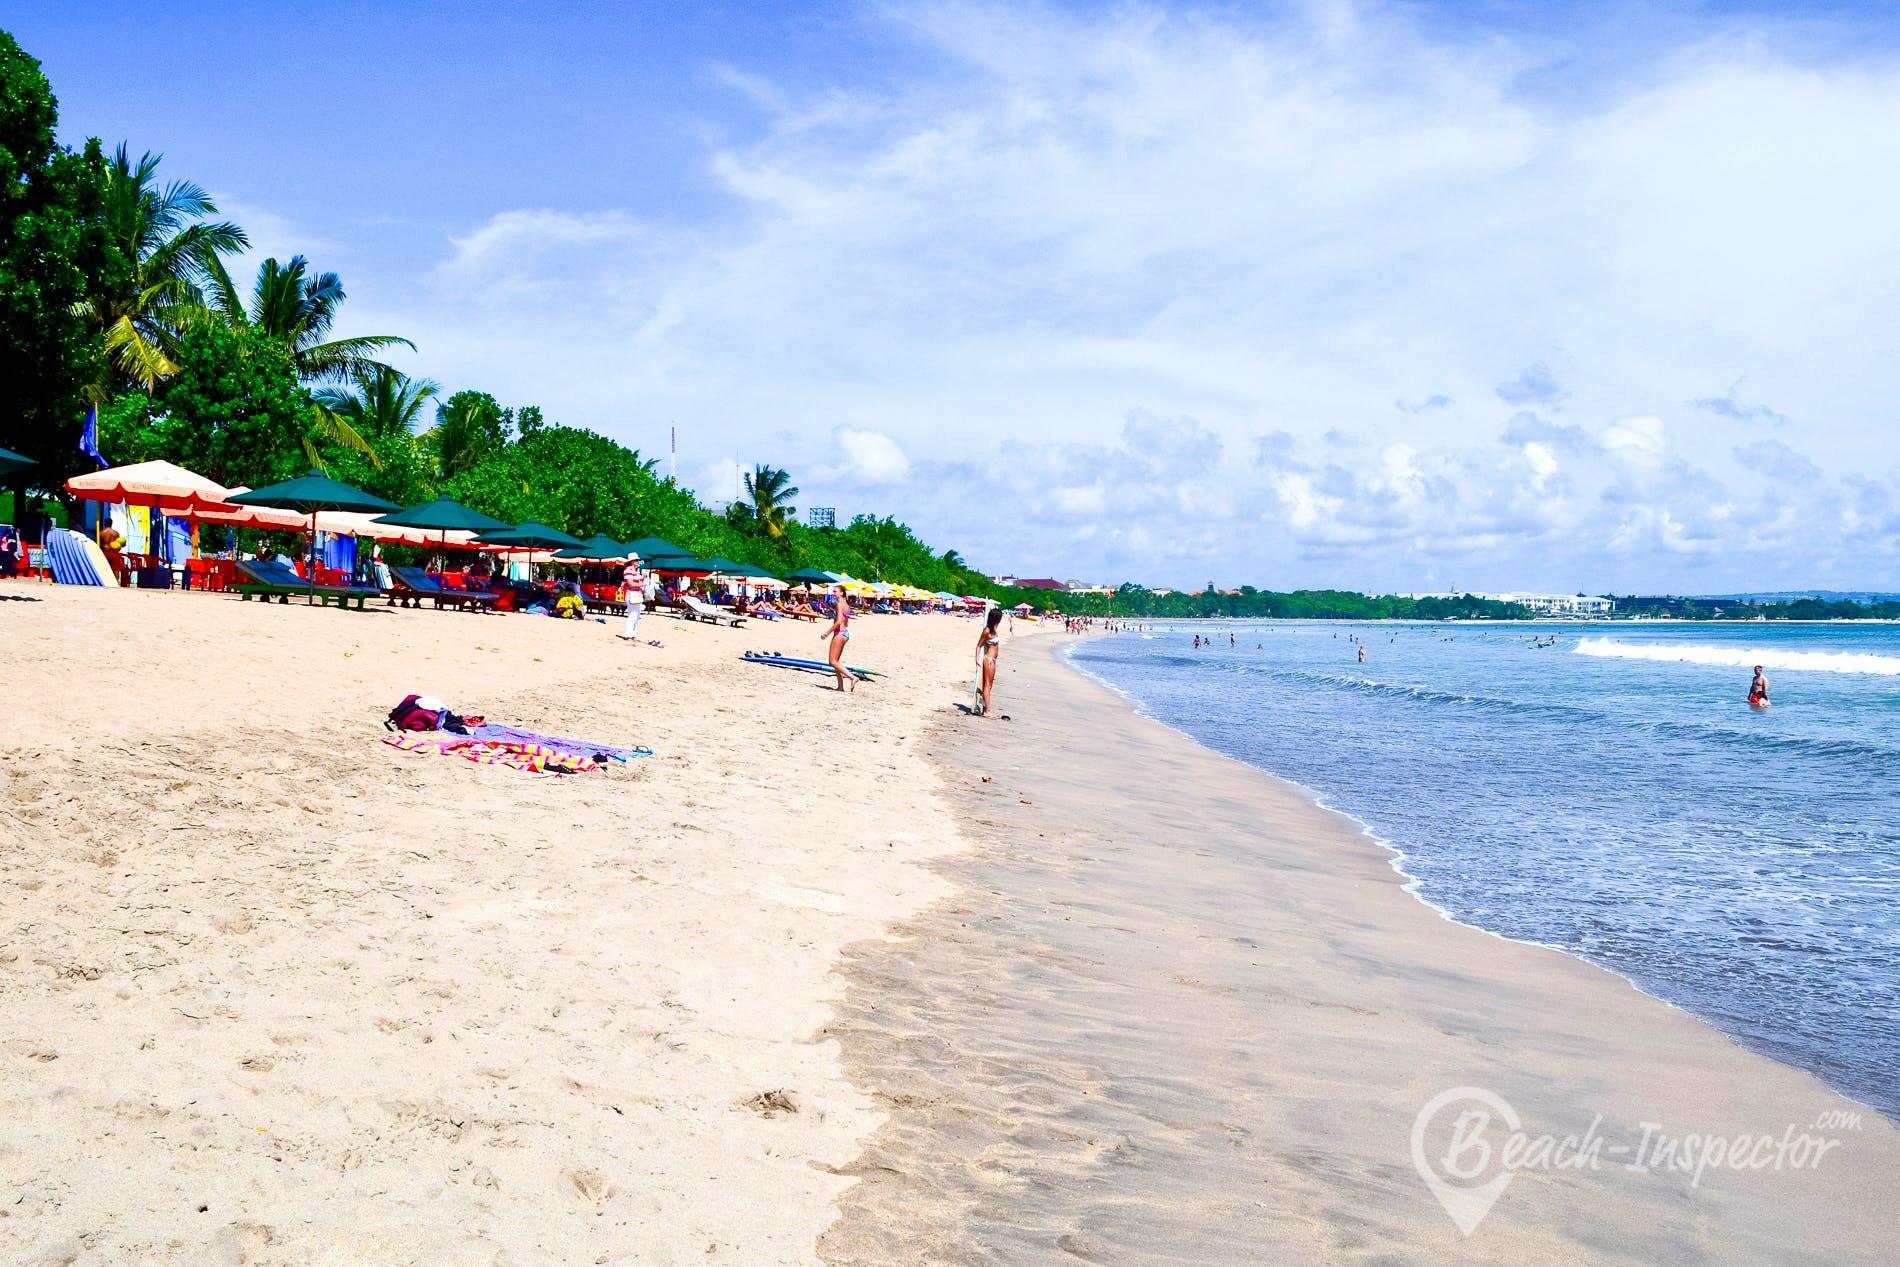 Playa Kuta Beach, Bali, Indonesia